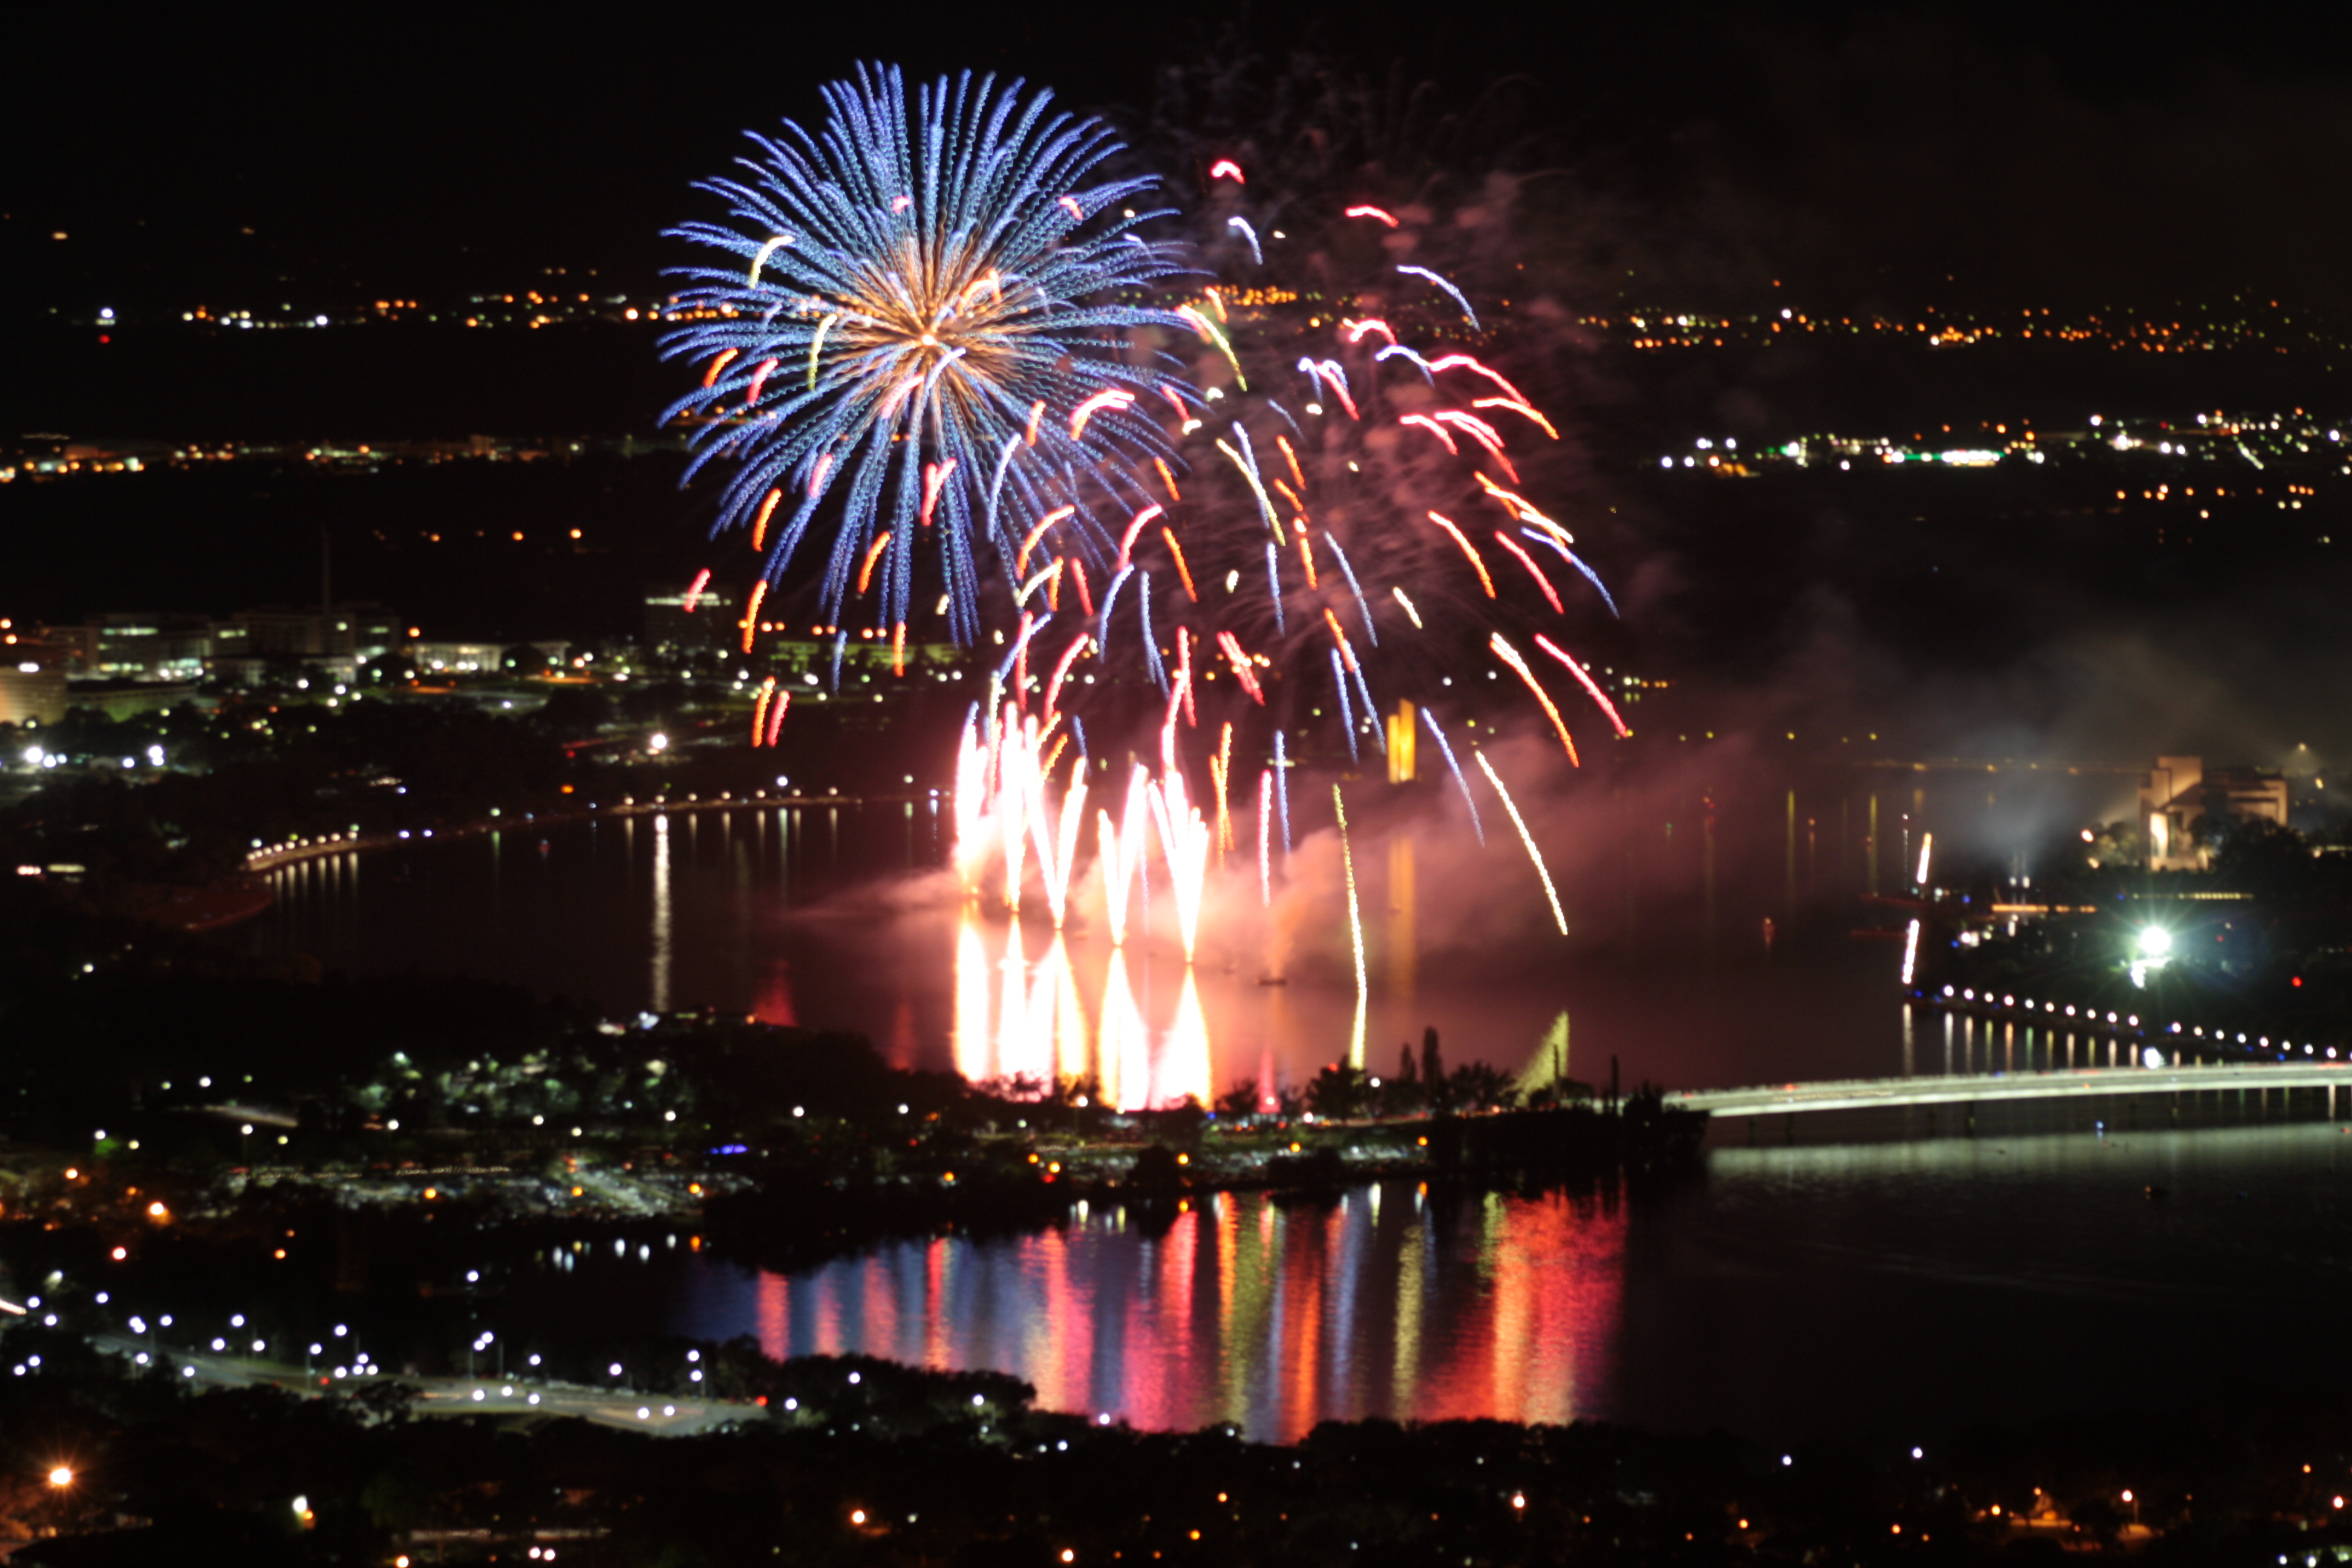 Fireworks over Canberra